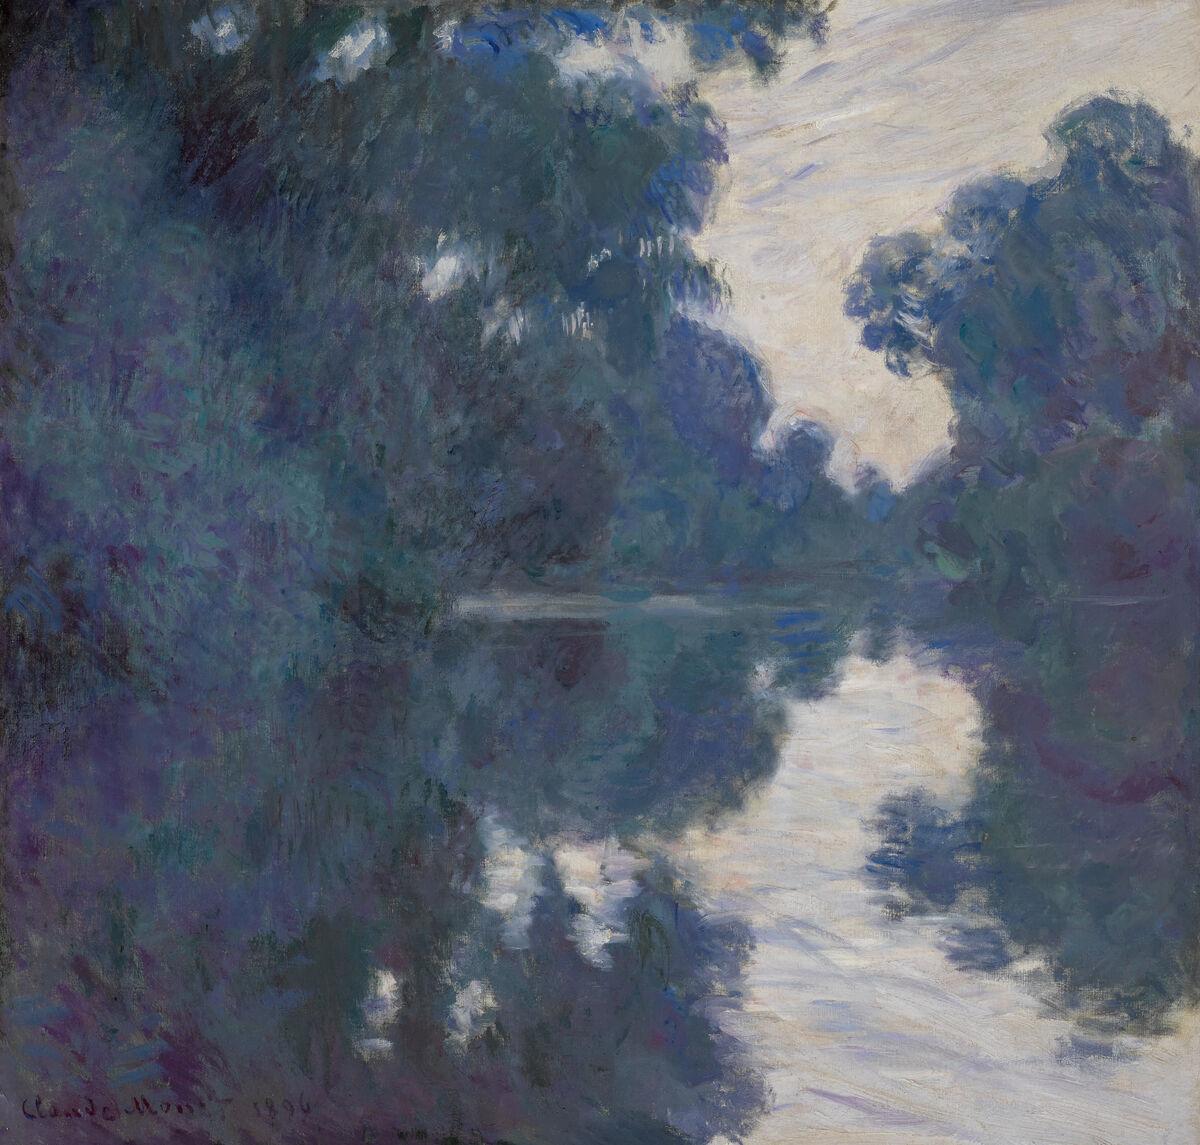 Claude Monet, Matinée Sur La Seine, 1896. Courtesy of Sotheby's.